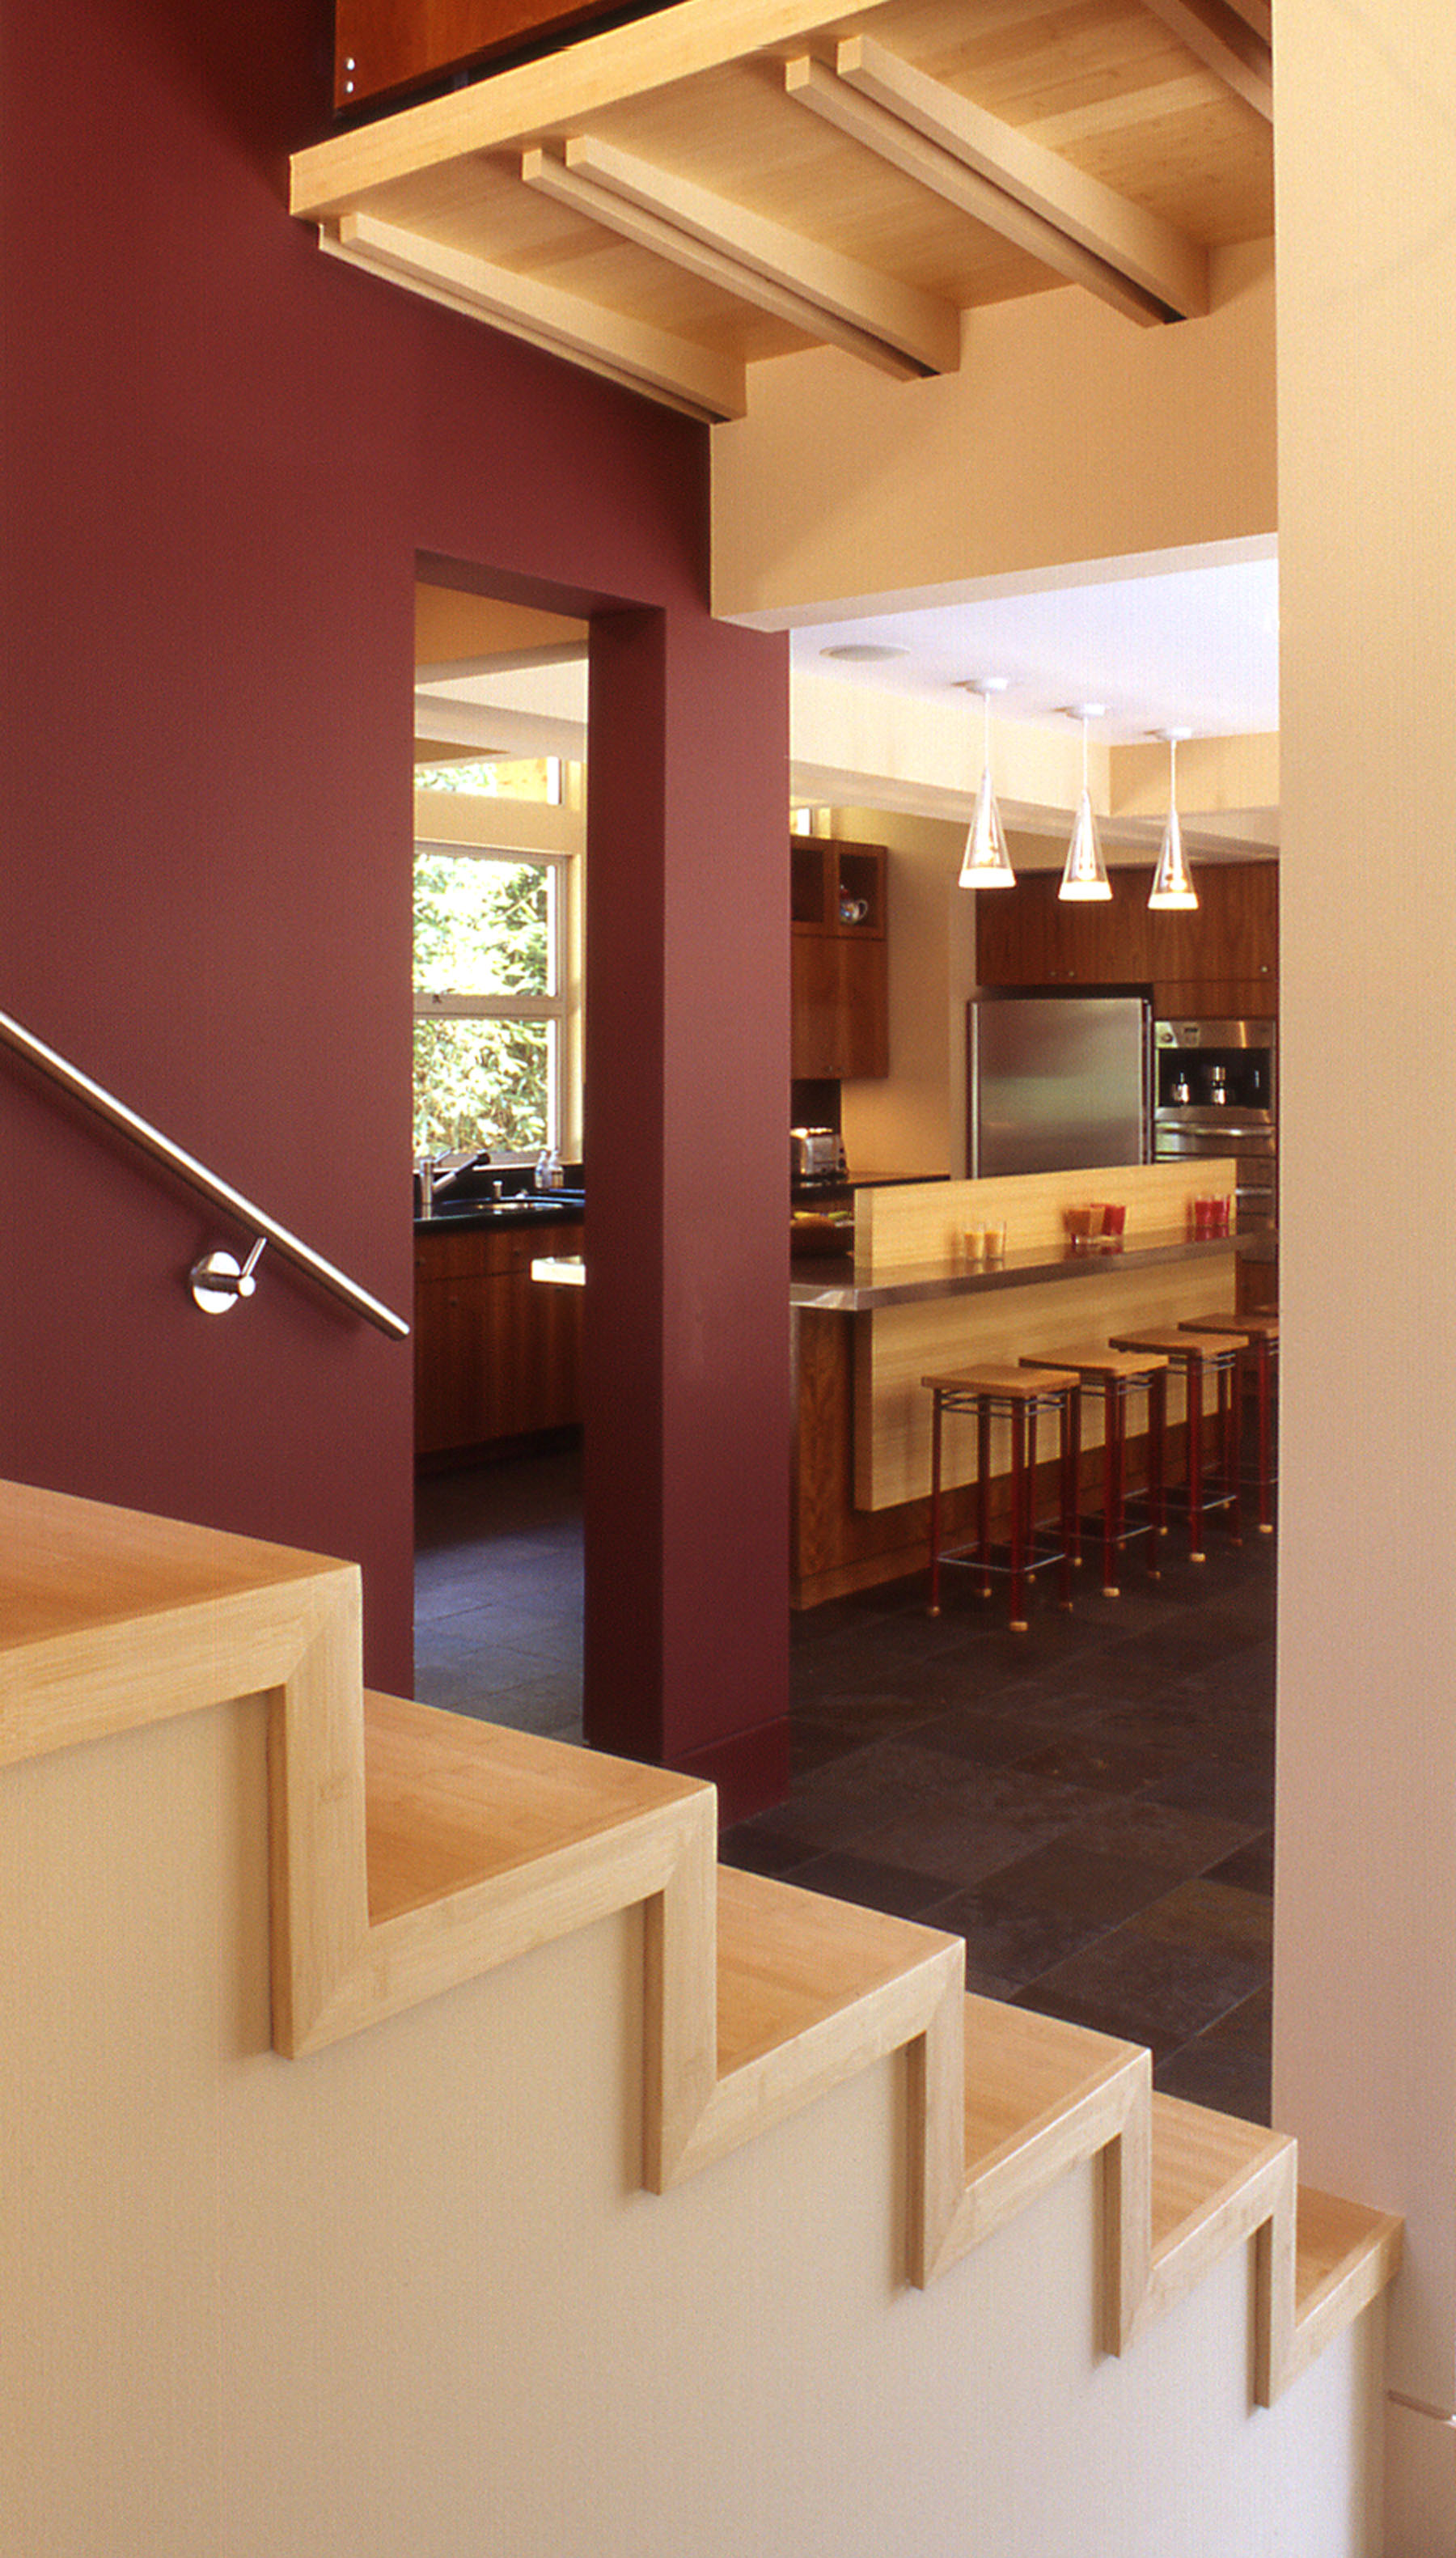 11 - 619 Benvenue Stair-Kitchen.jpg